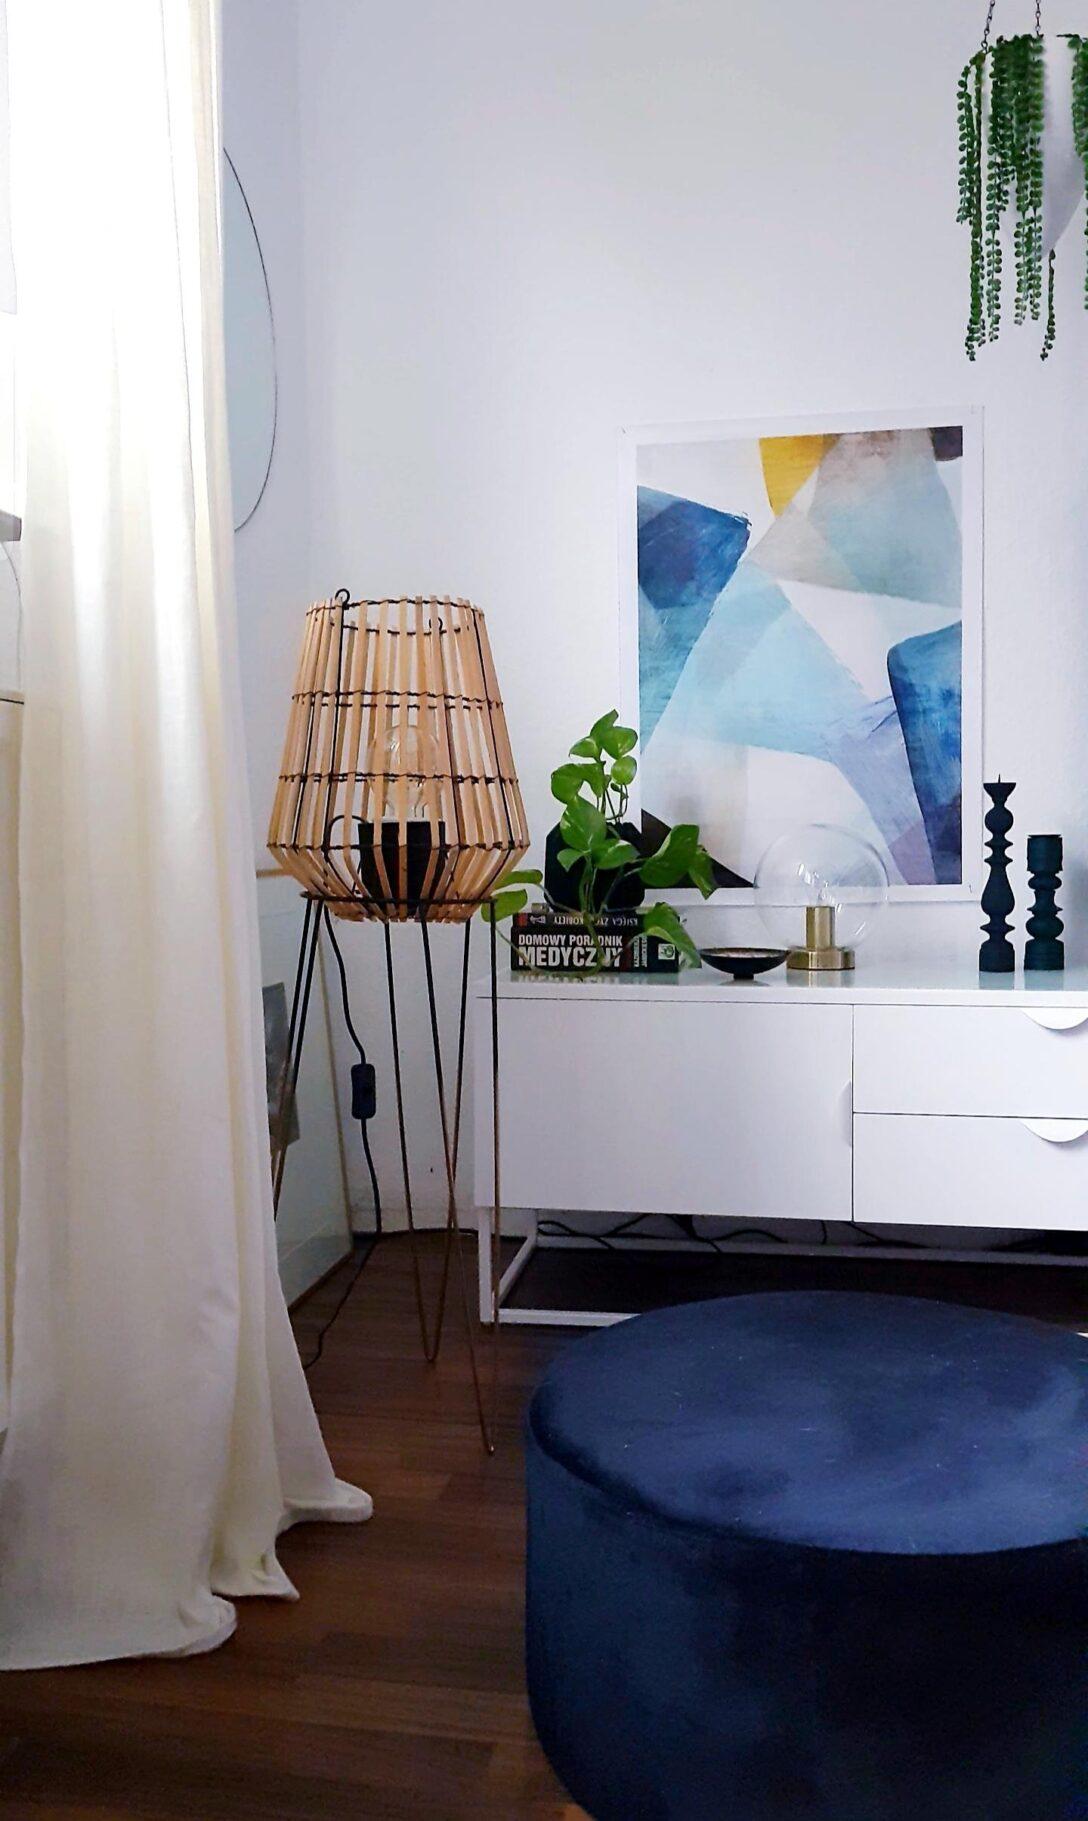 Large Size of Wohnzimmer Vitrine Weiß Vorhänge Tapete Deckenlampen Stehleuchte Deckenleuchte Anbauwand Led Lampen Beleuchtung Fototapeten Tisch Wohnzimmer Dekorationsideen Wohnzimmer